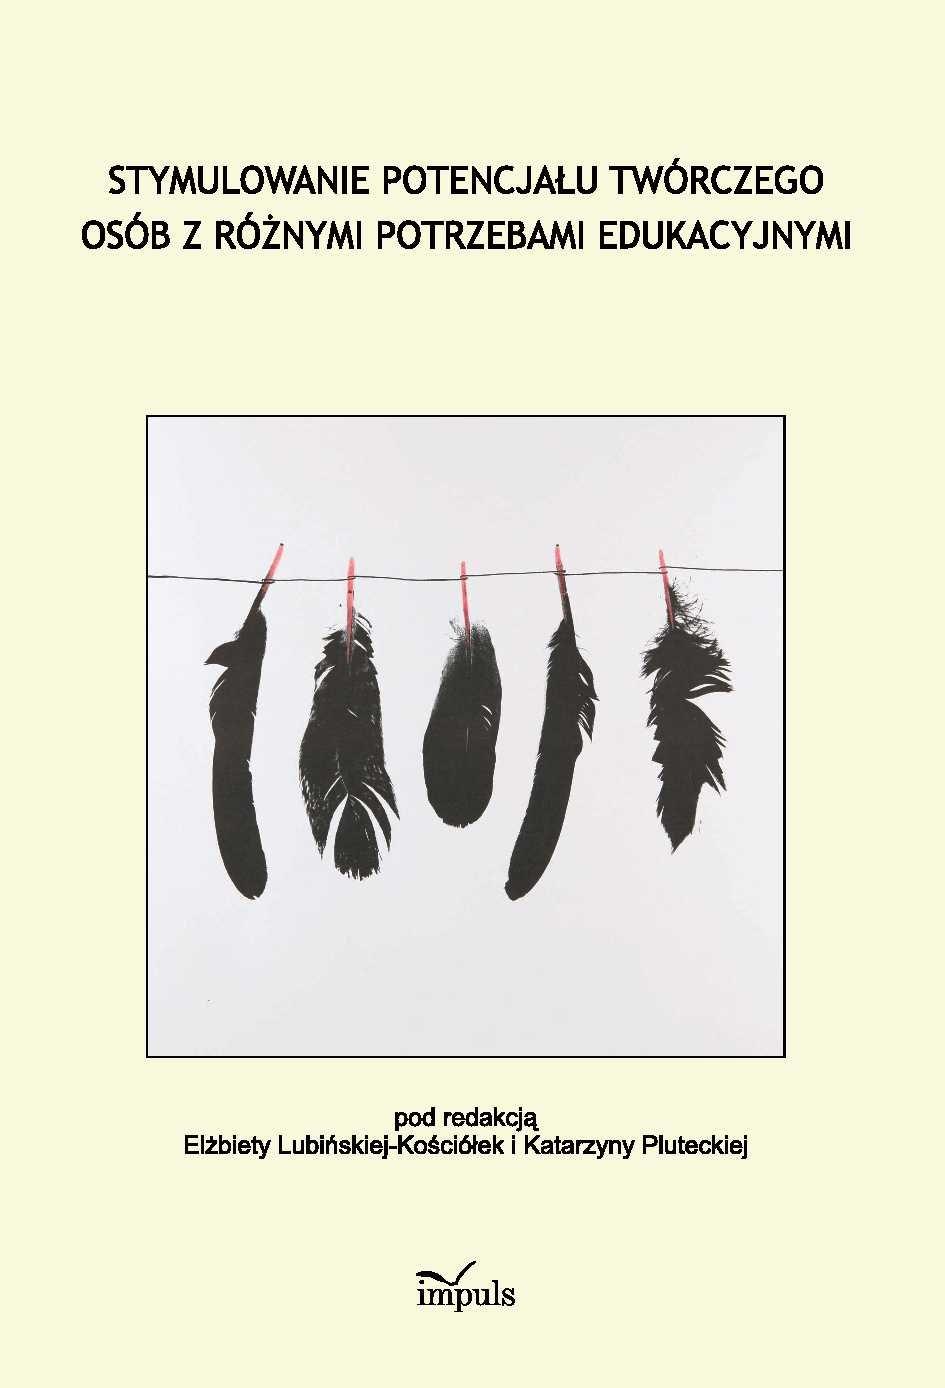 Stymulowanie potencjału twórczego osób z różnymi potrzebami edukacyjnymi - Ebook (Książka PDF) do pobrania w formacie PDF